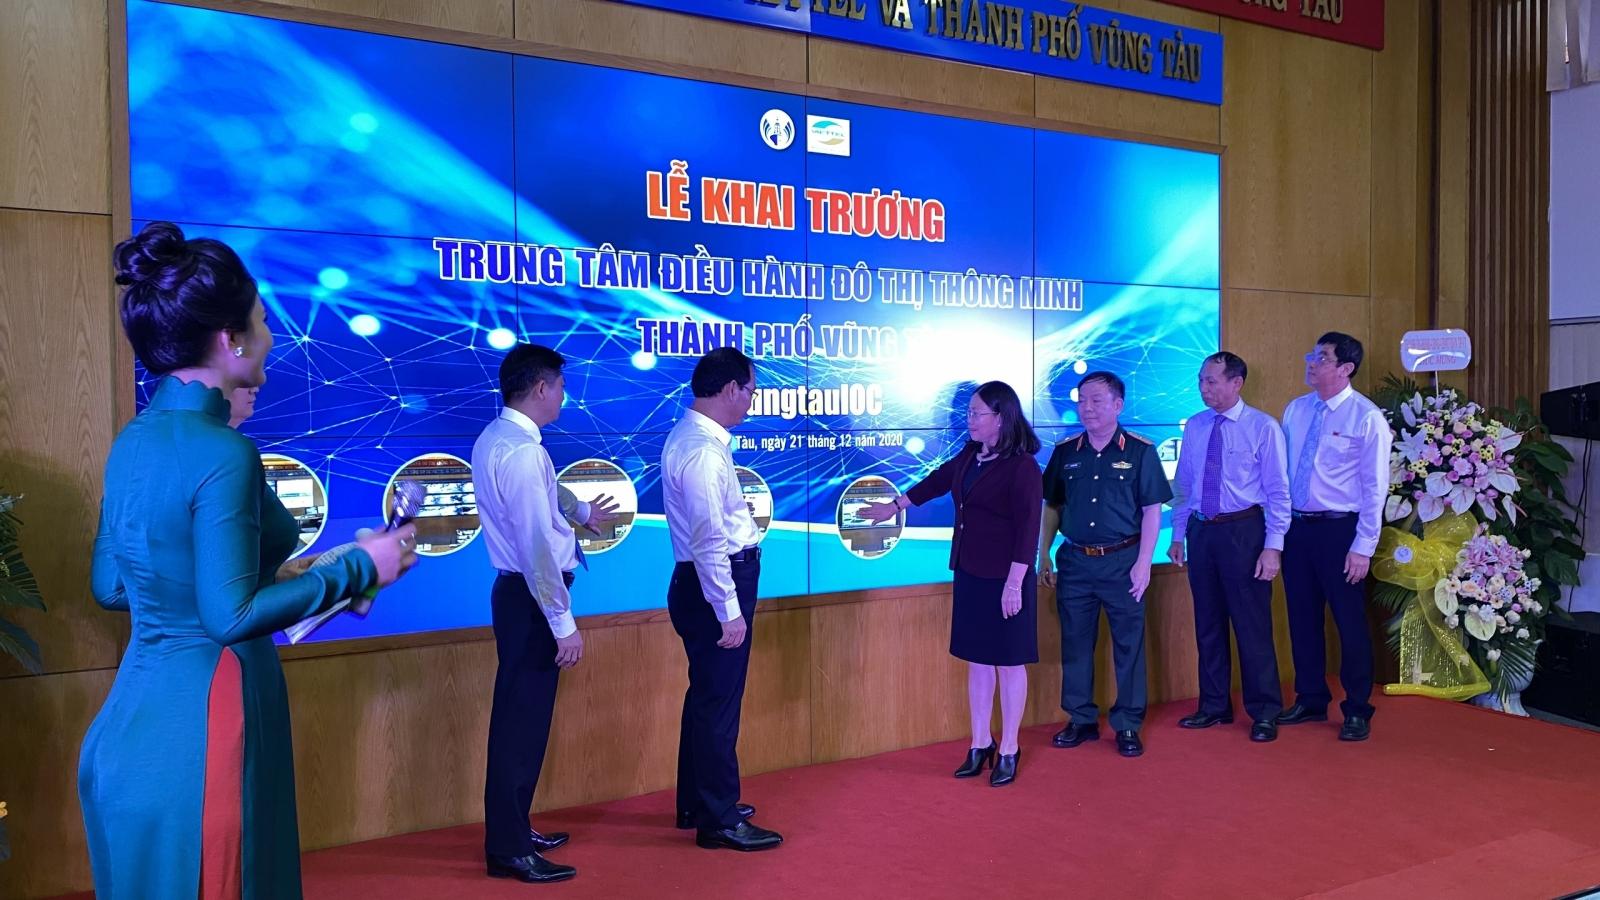 UBND TP Vũng Tàu chính thức đưa Trung tâm điều hành đô thị thông minh vào hoạt động